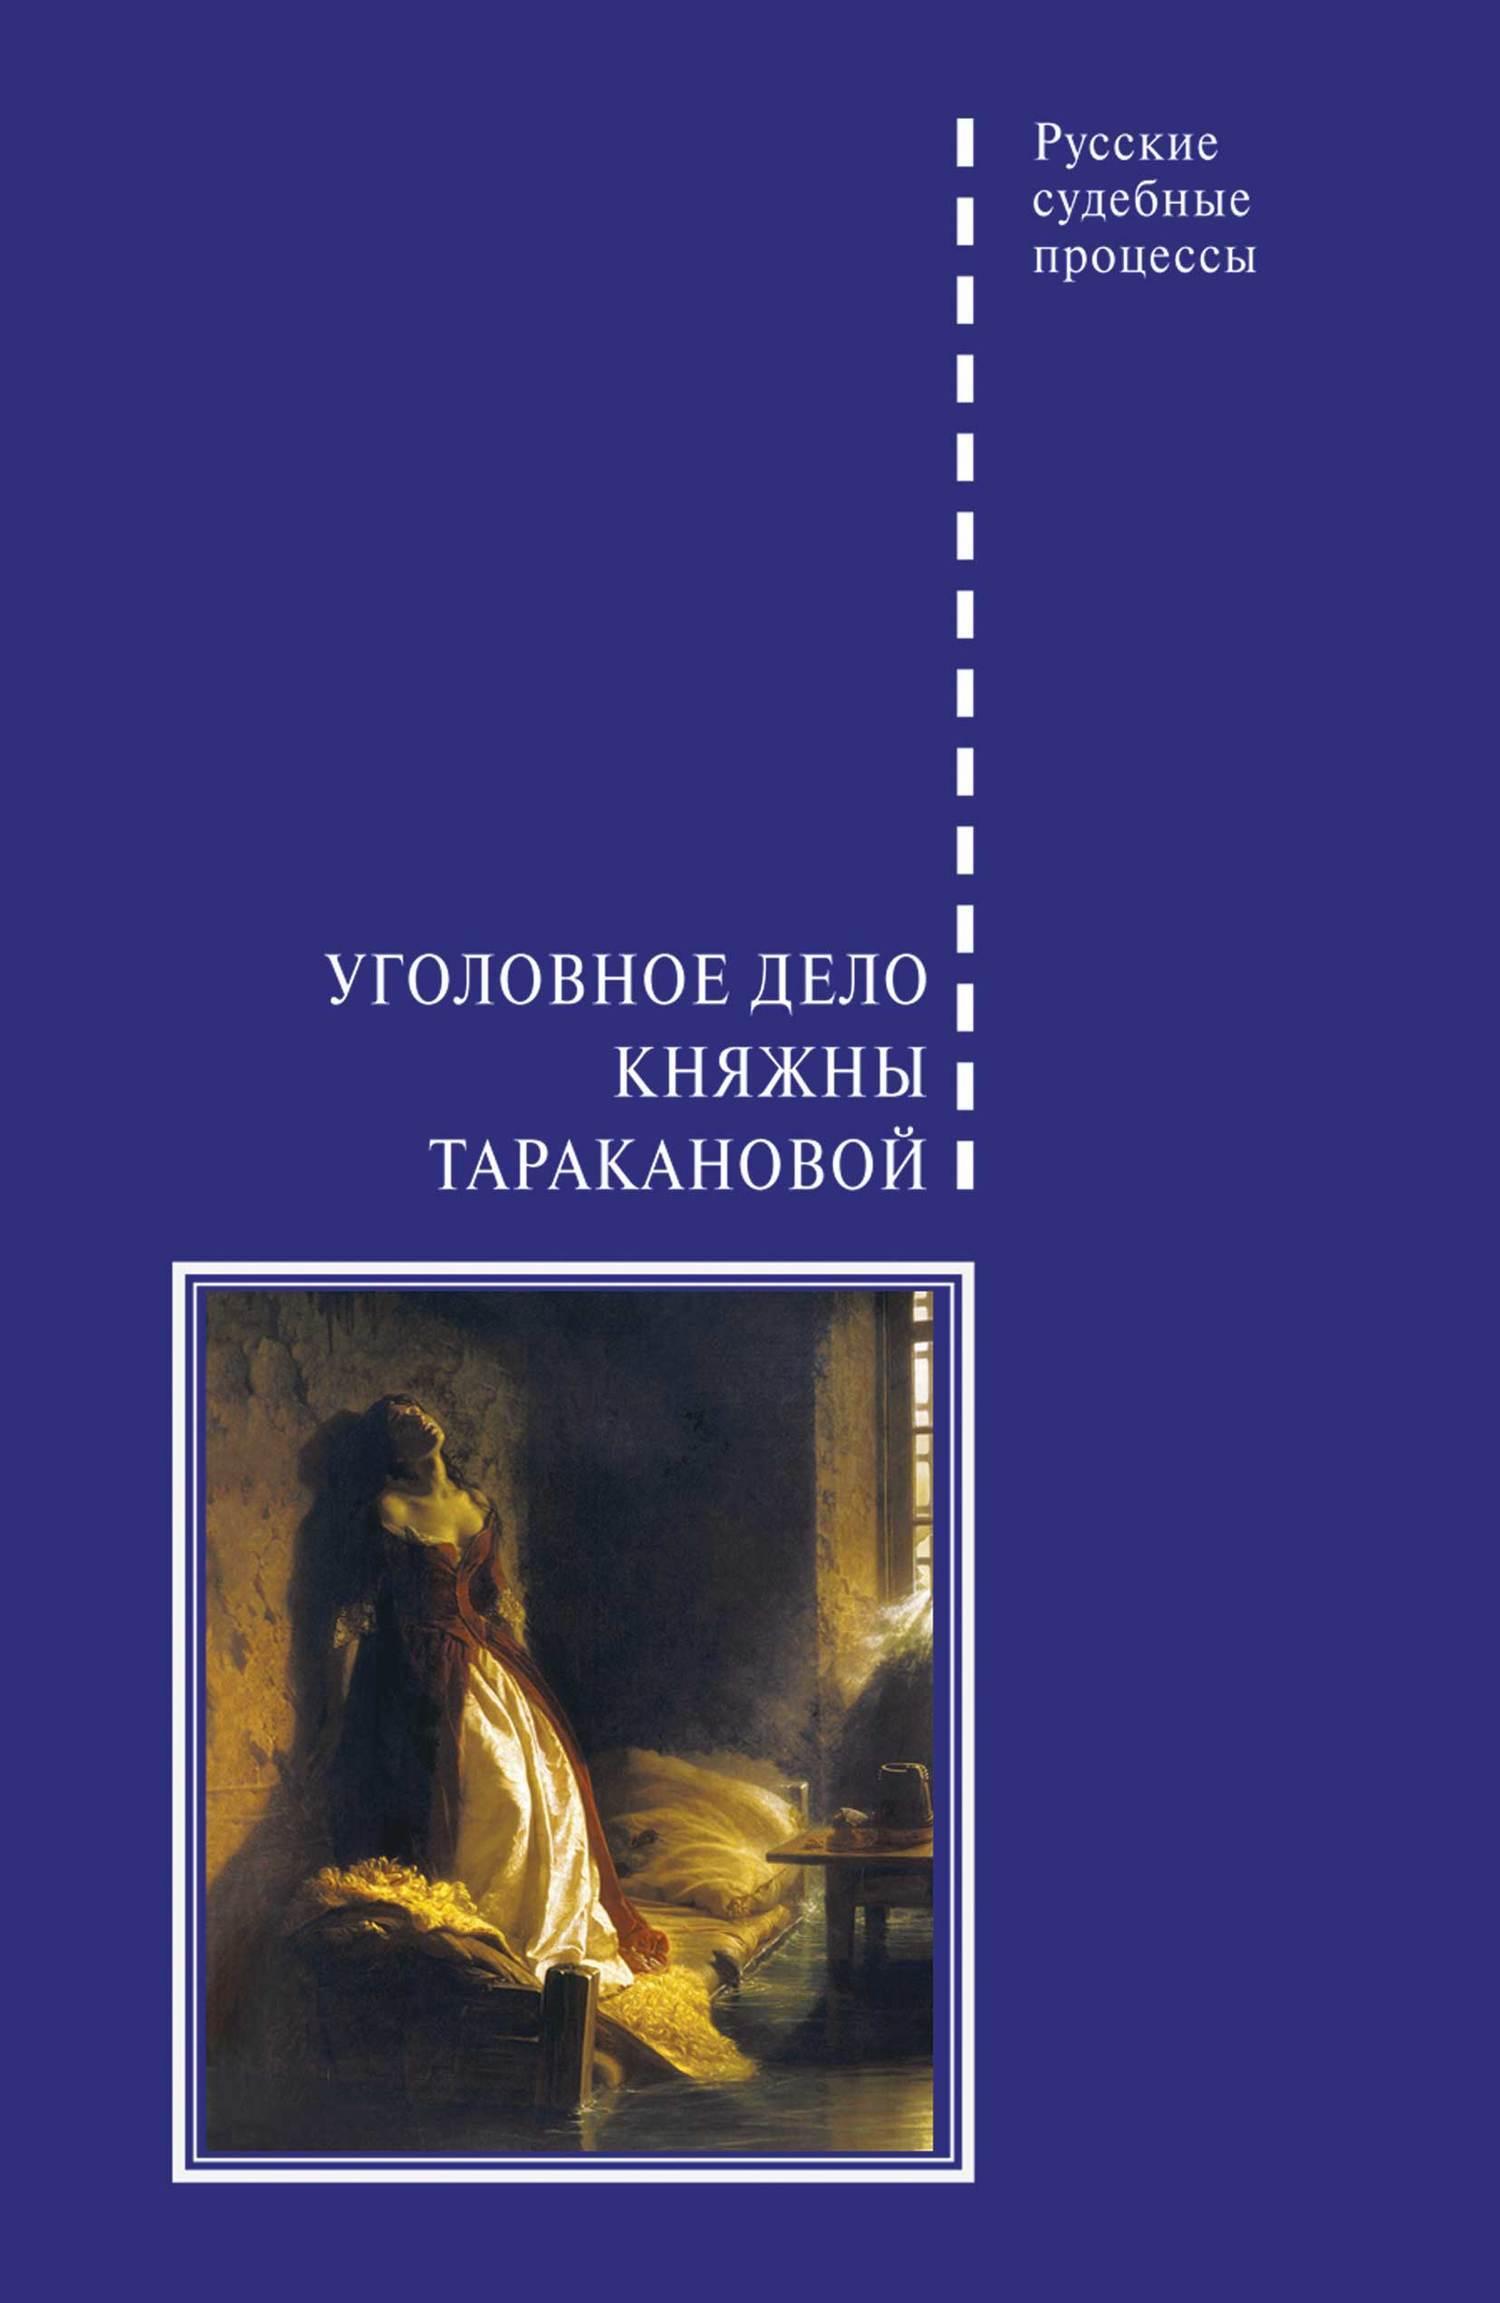 Виктор Злобин - Уголовное дело княжны Таракановой